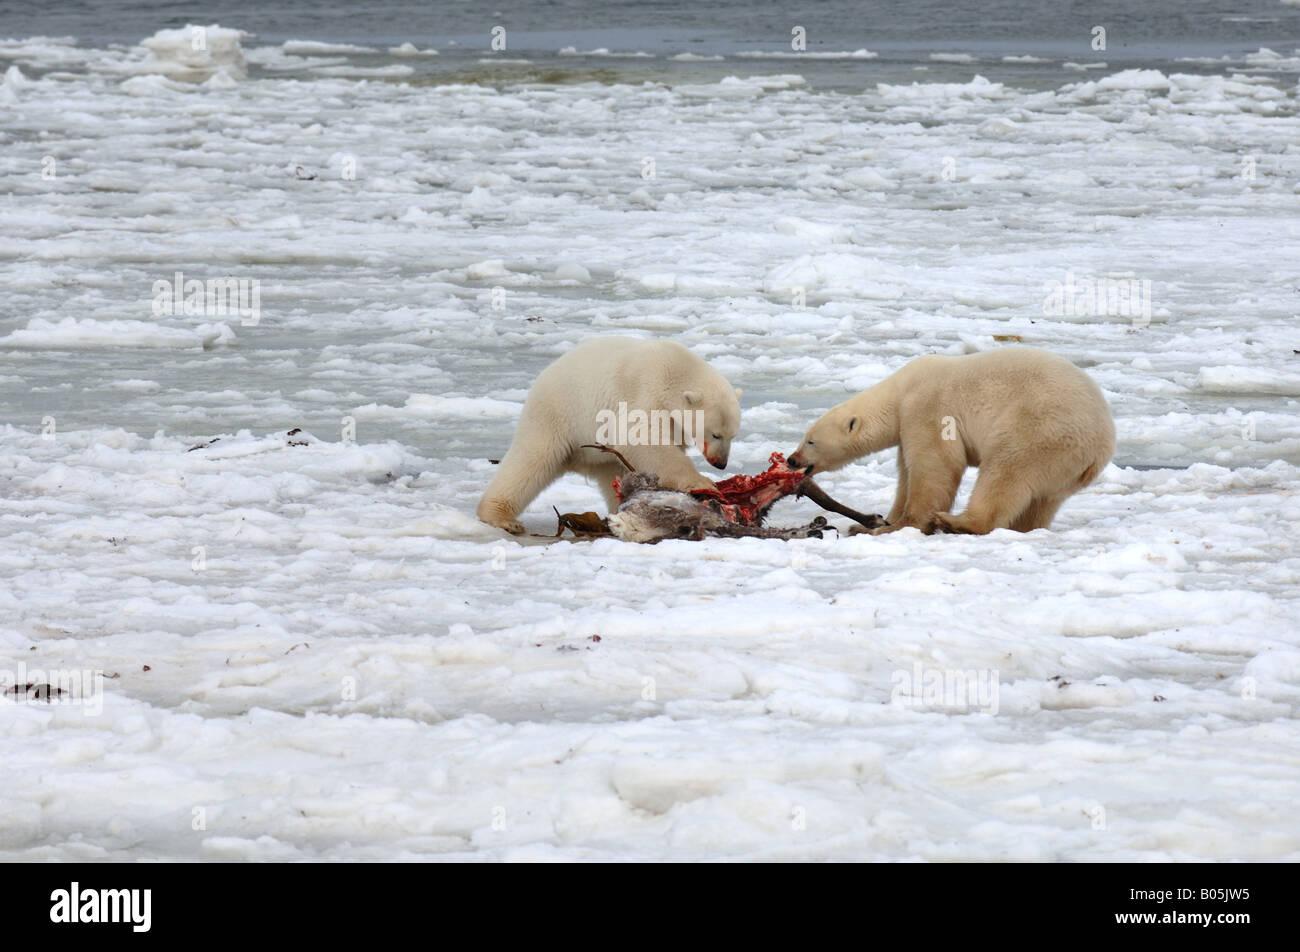 Manitoba Hudson bay unique photos of male polar bear feeding on a caribou carcass - Stock Image